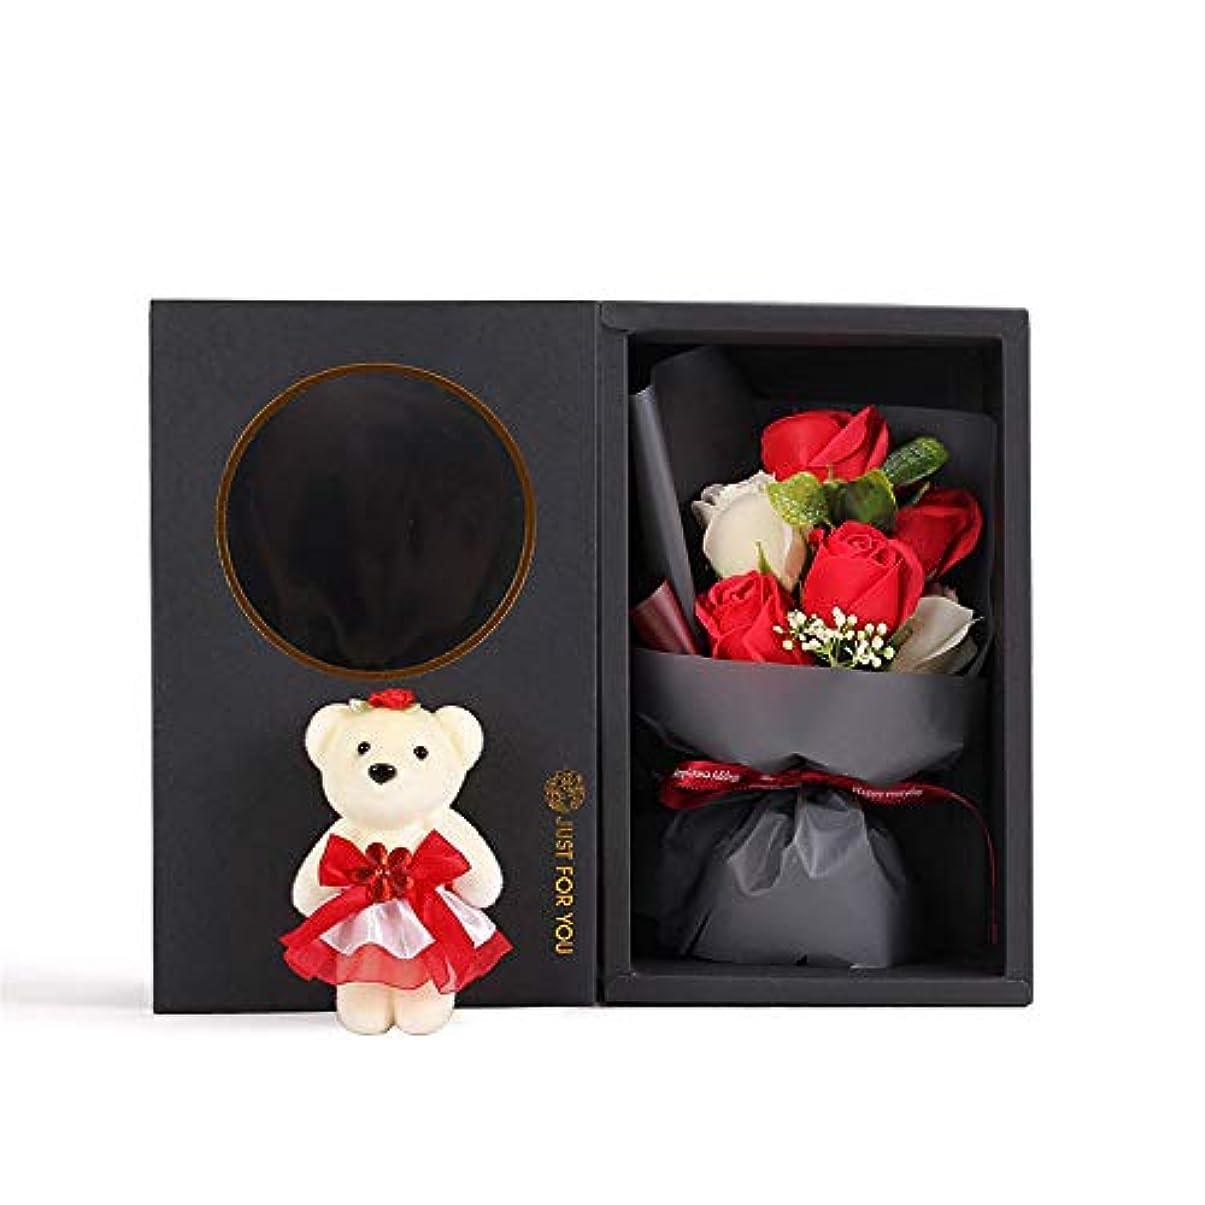 眠いです引退したエレガント手作り6石鹸花の花束ギフトボックス、女性のためのギフトあなたがバレンタインデー、母の日、結婚式、クリスマス、誕生日を愛した女の子(ベアカラーランダム) (色 : 赤)